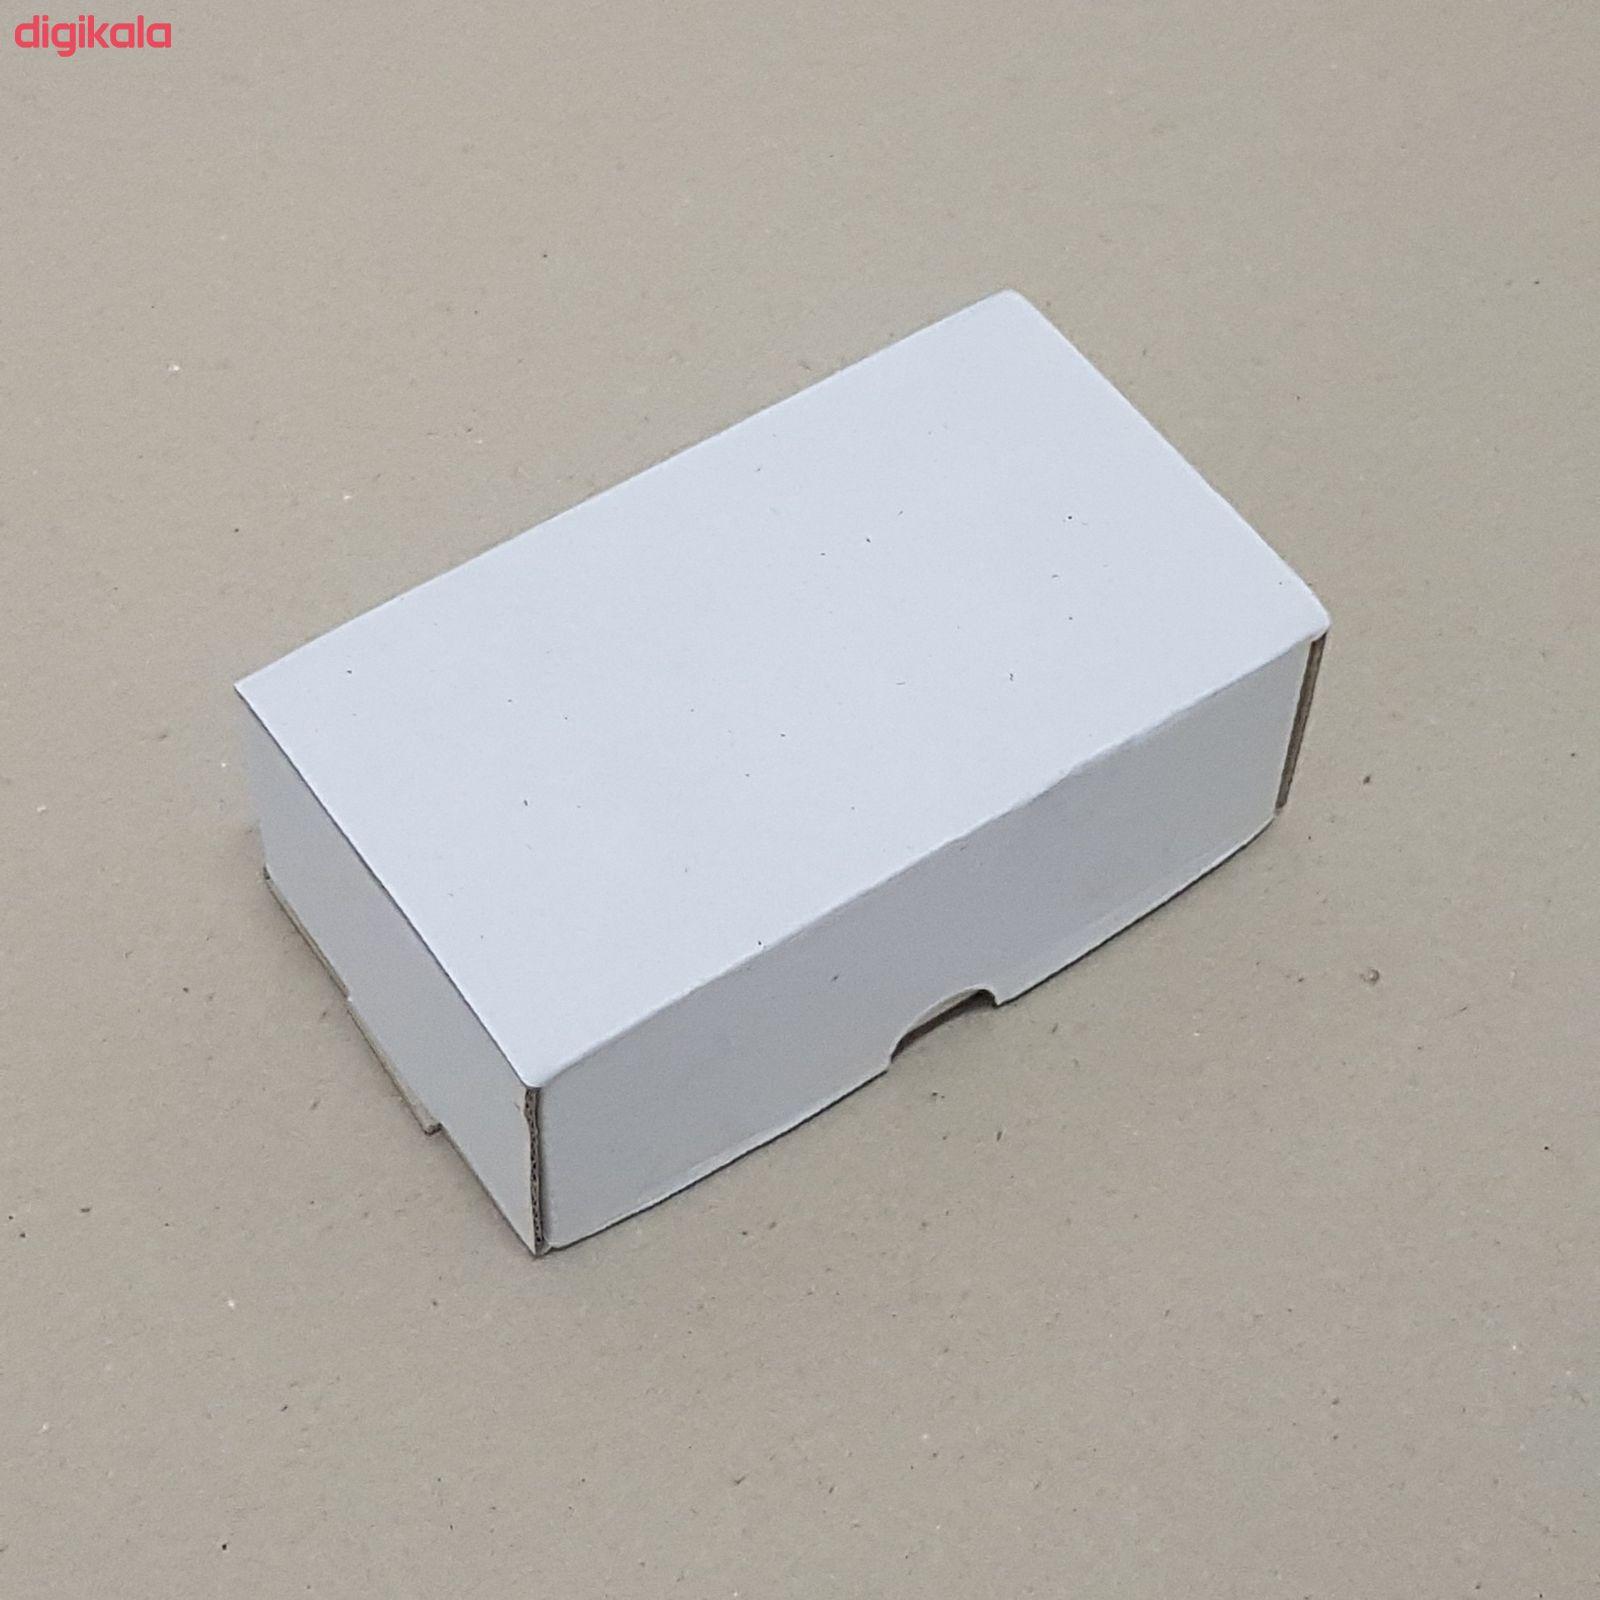 جعبه بسته بندی کد S140805-20 بسته ۲۰ عددی